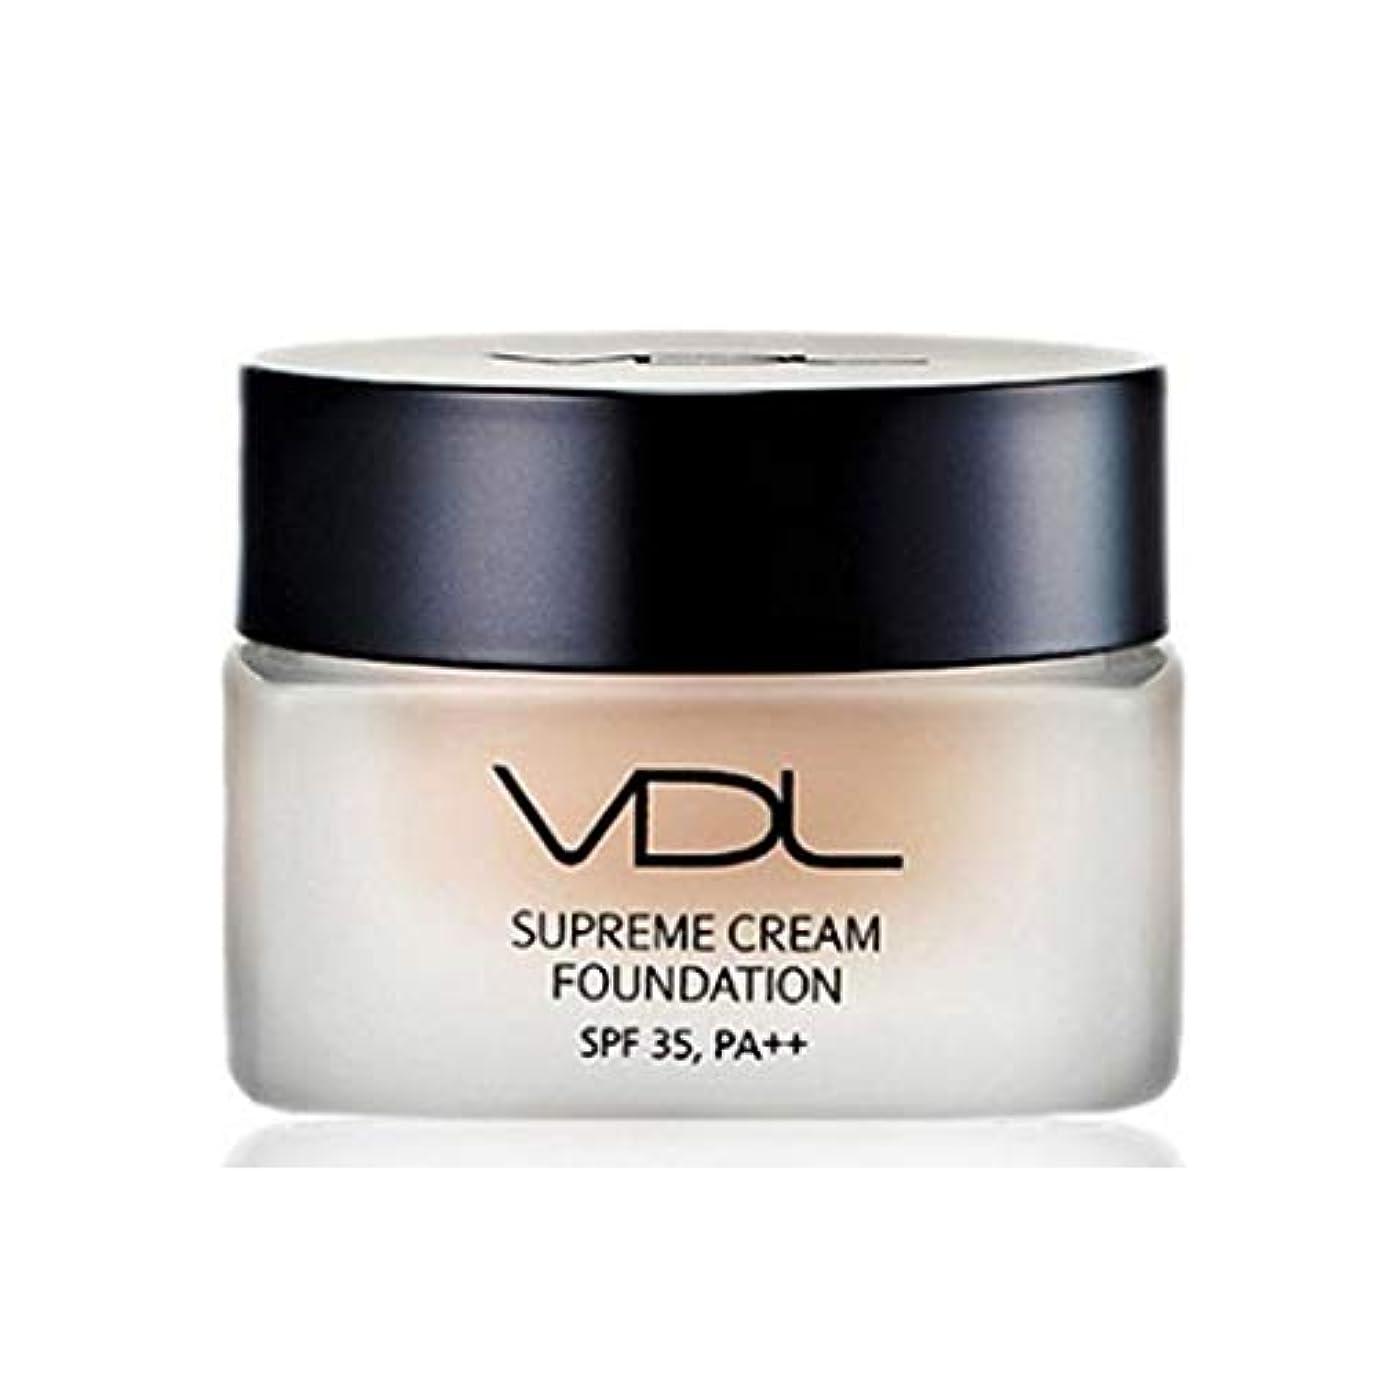 スーパーマーケット食べる悪夢VDLスプリームクリームファンデーション30ml SPF35 PA++ 4色、VDL Supreme Cream Foundation 30ml SPF35 PA++ 4 Colors [並行輸入品] (A02)